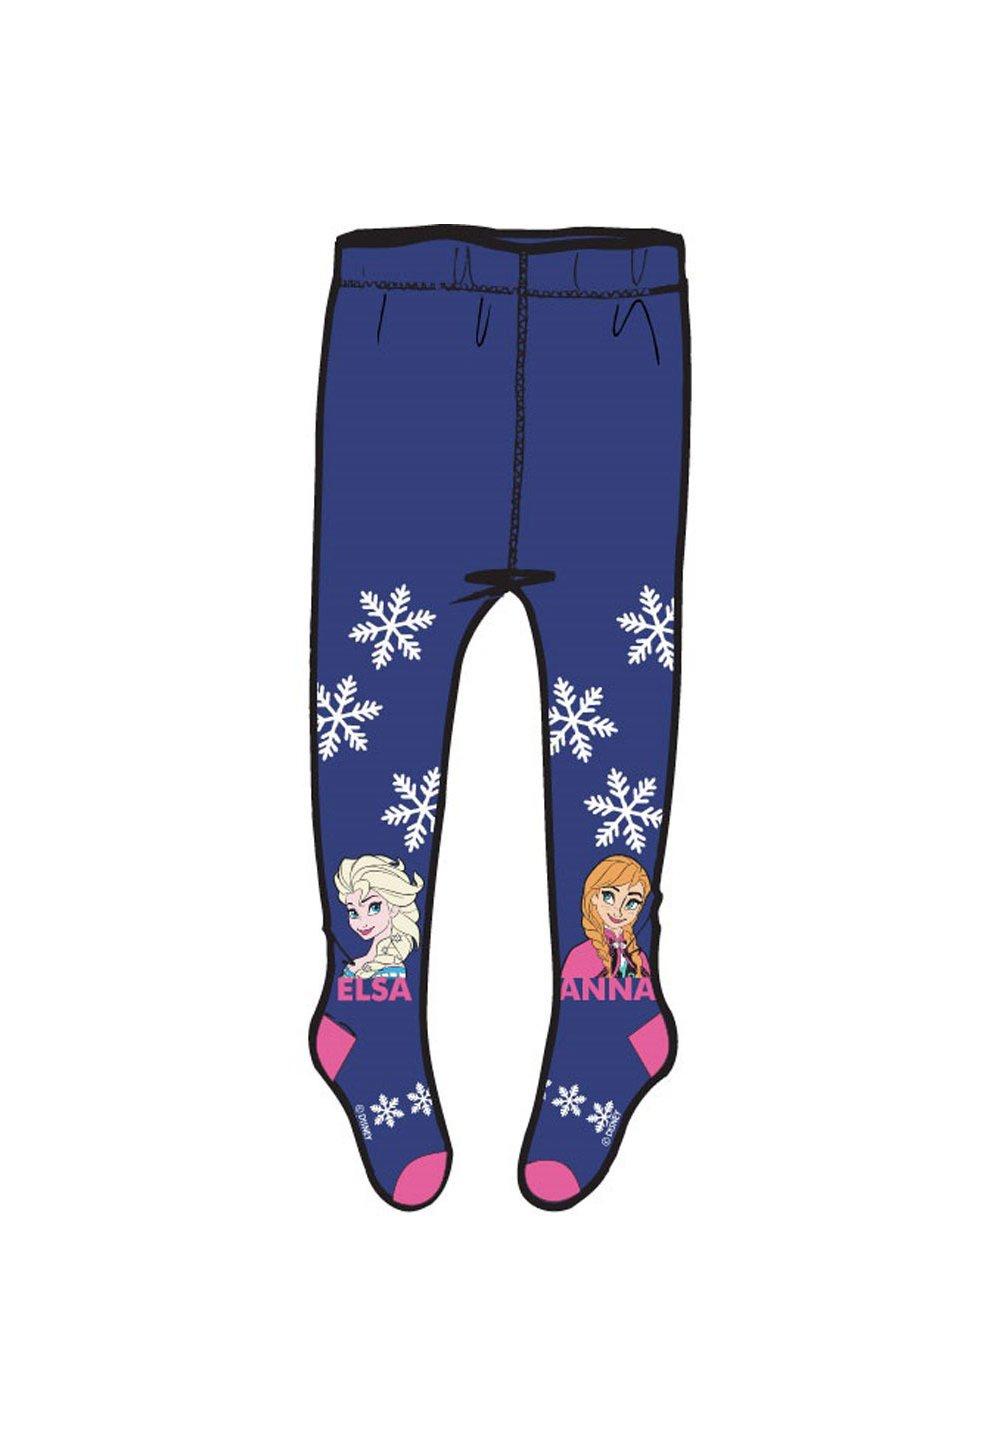 Ciorapi cu chilot, Anna si Elsa, mov cu fulgi imagine